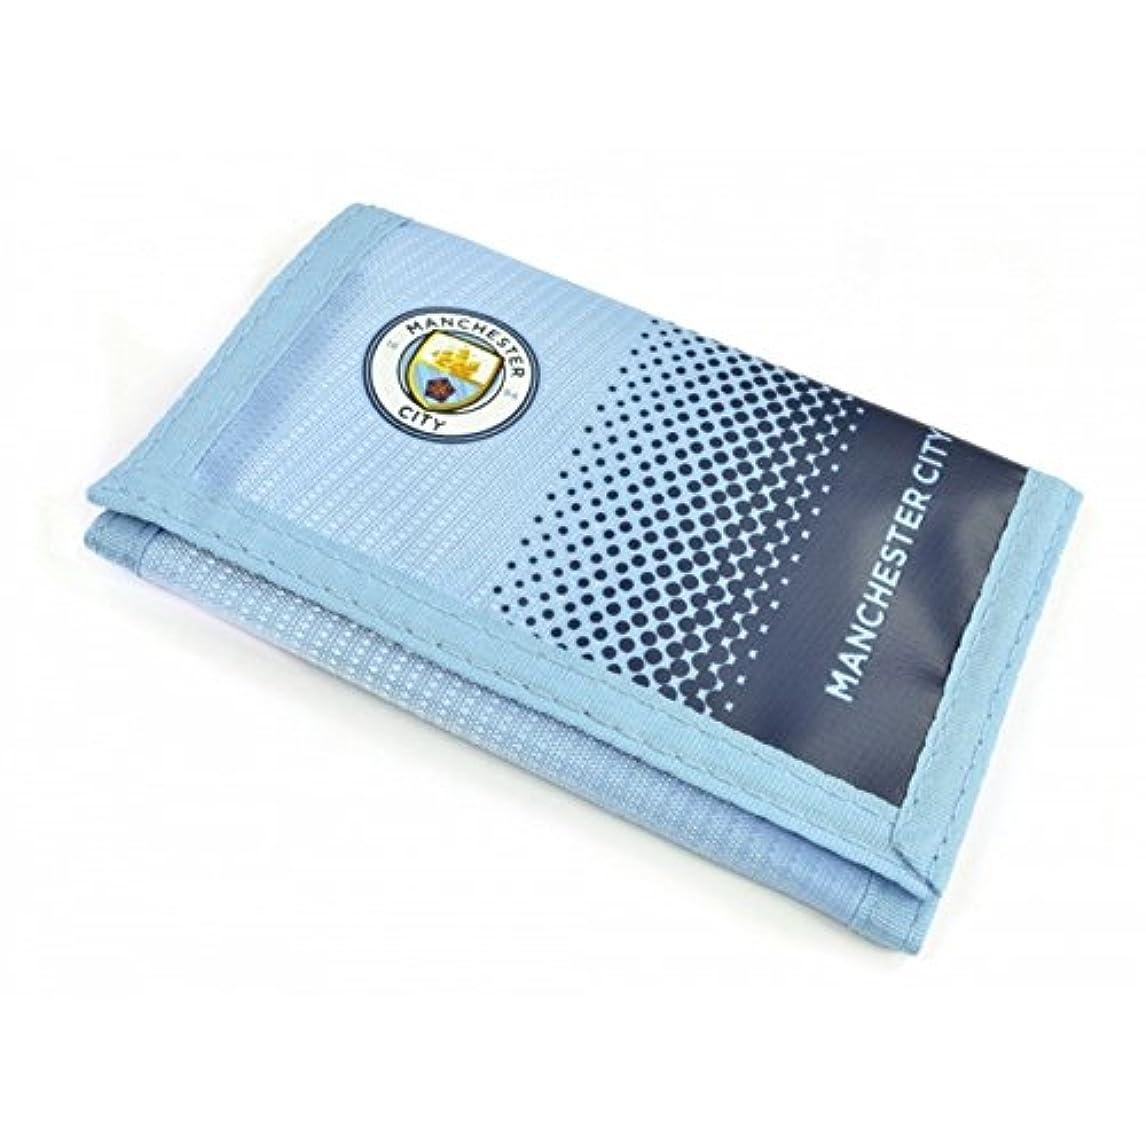 悪性腫瘍バラエティカーテンマンチェスター?シティ フットボールクラブ Manchester City FC オフィシャル商品 サッカー 財布 ウォレット (ワンサイズ) (ライトブルー/ネイビー)